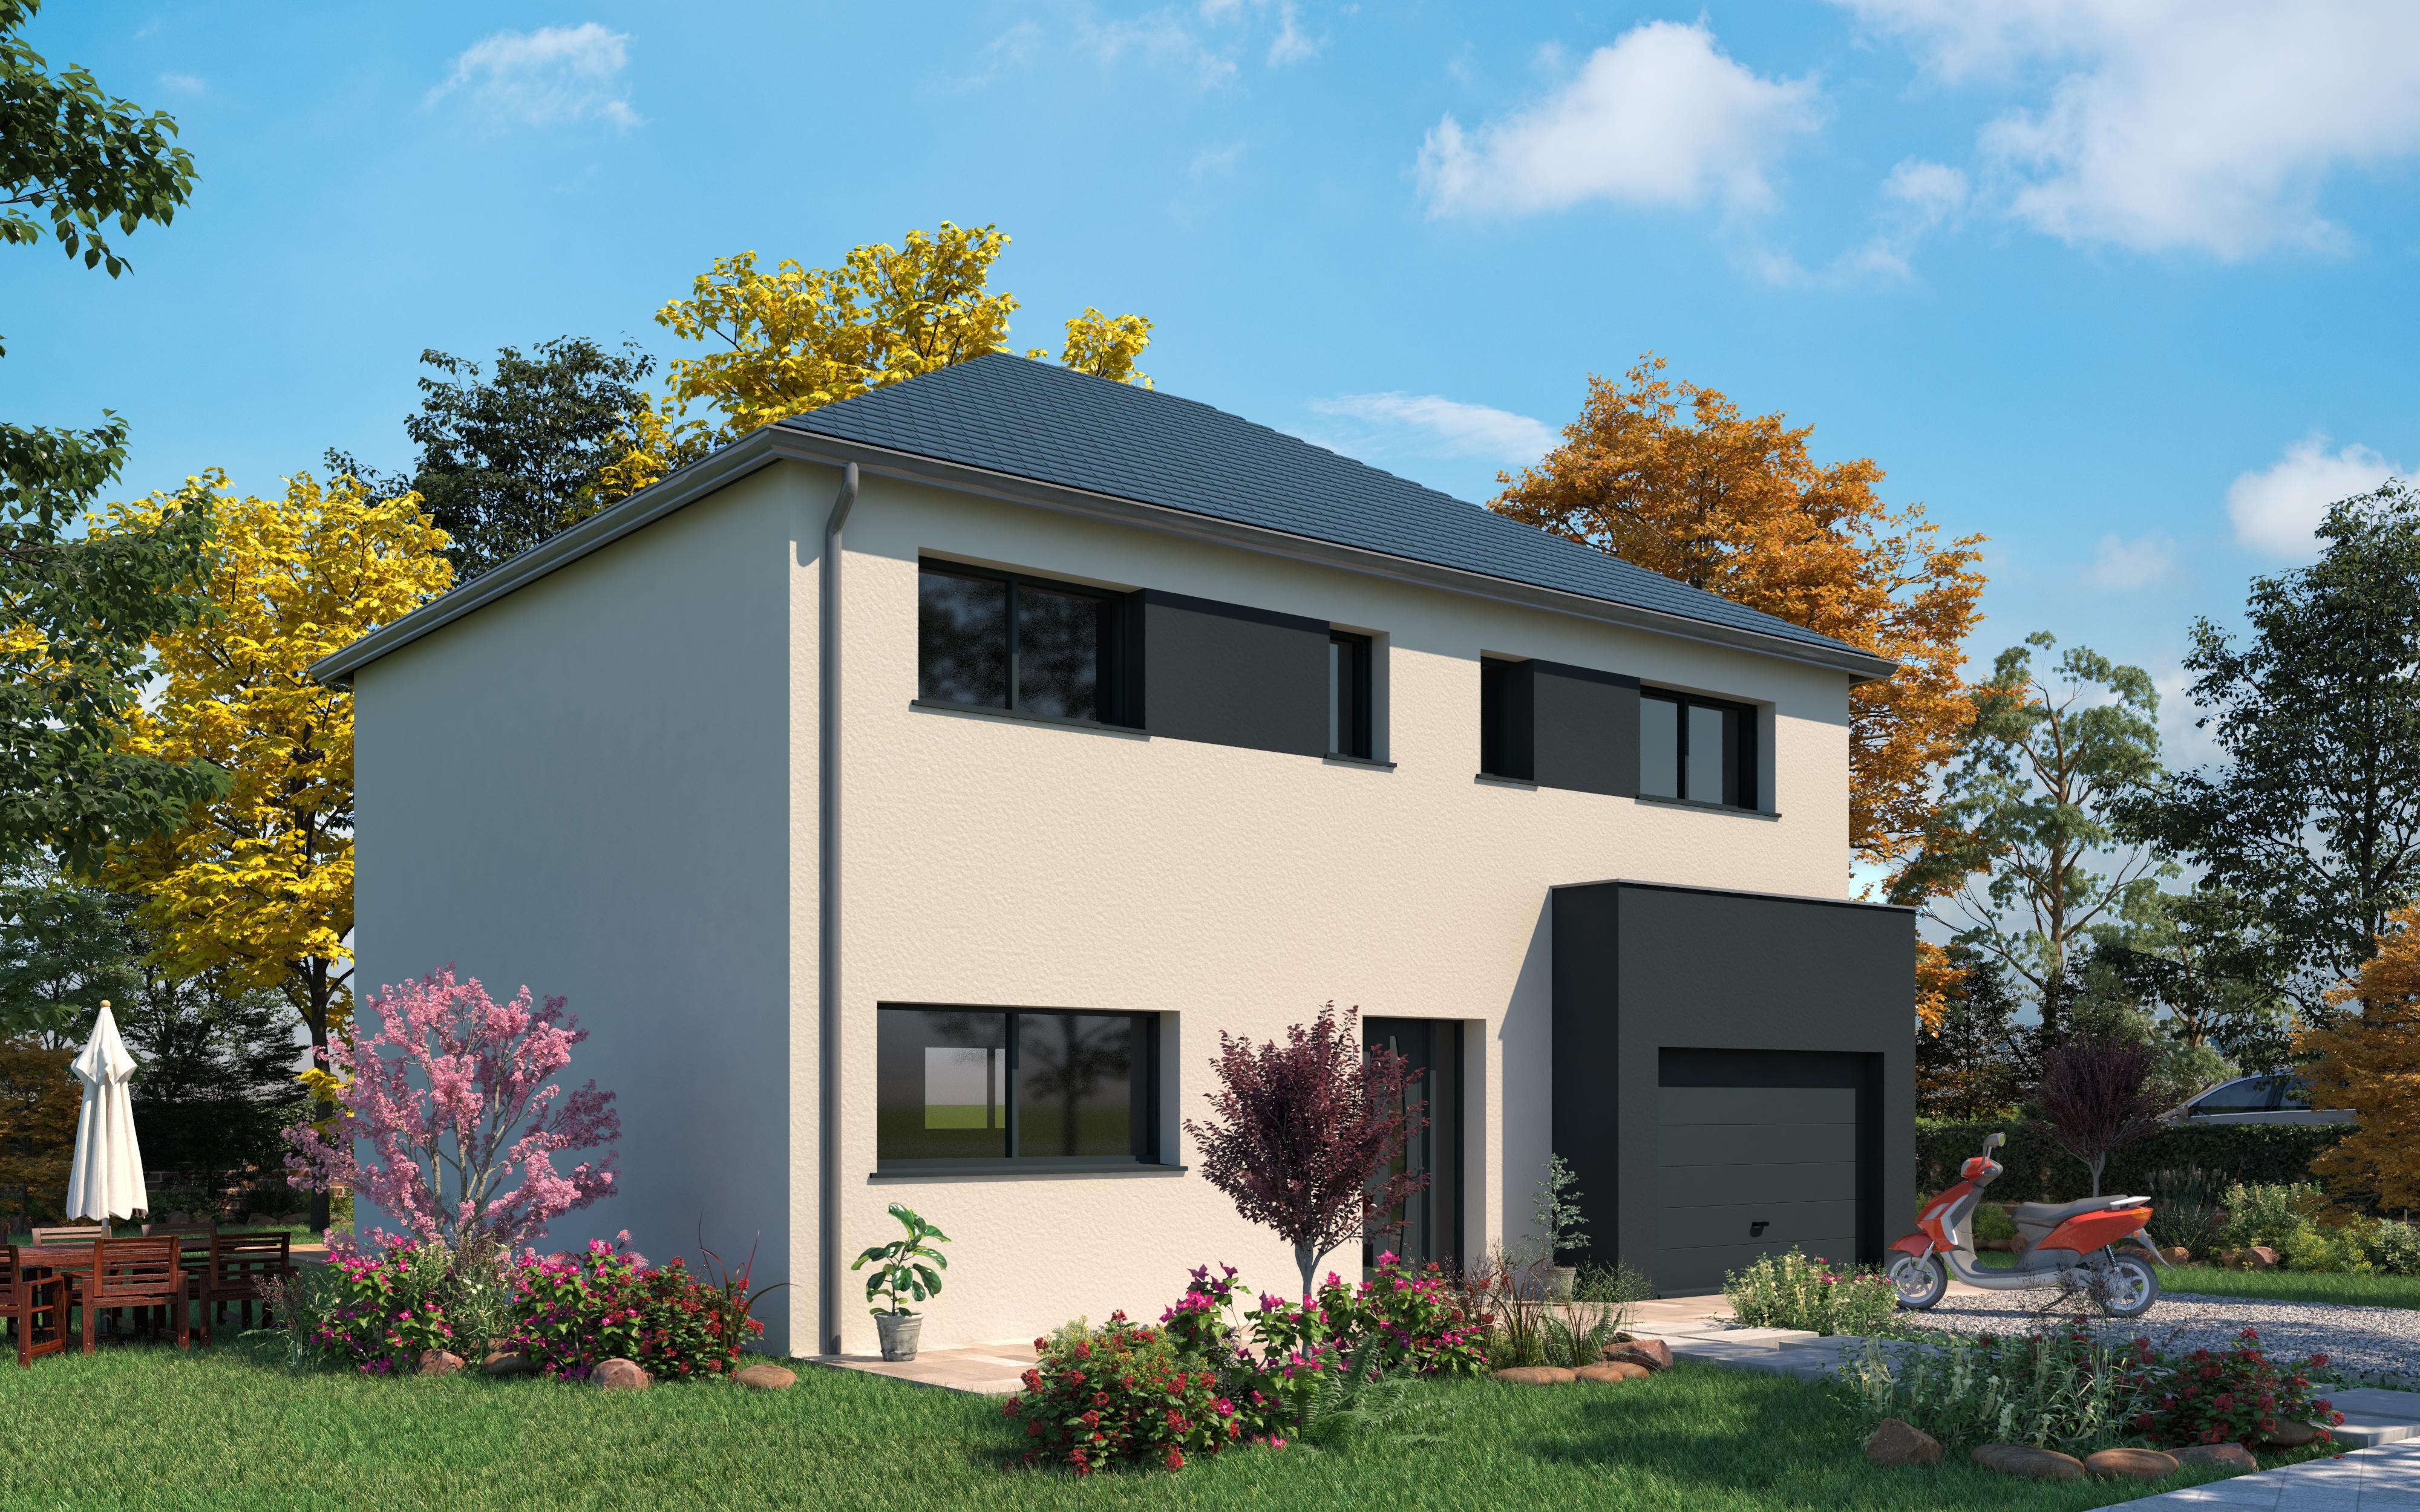 Maisons + Terrains du constructeur LES MAISONS.COM POISSY • 129 m² • CARRIERES SOUS POISSY